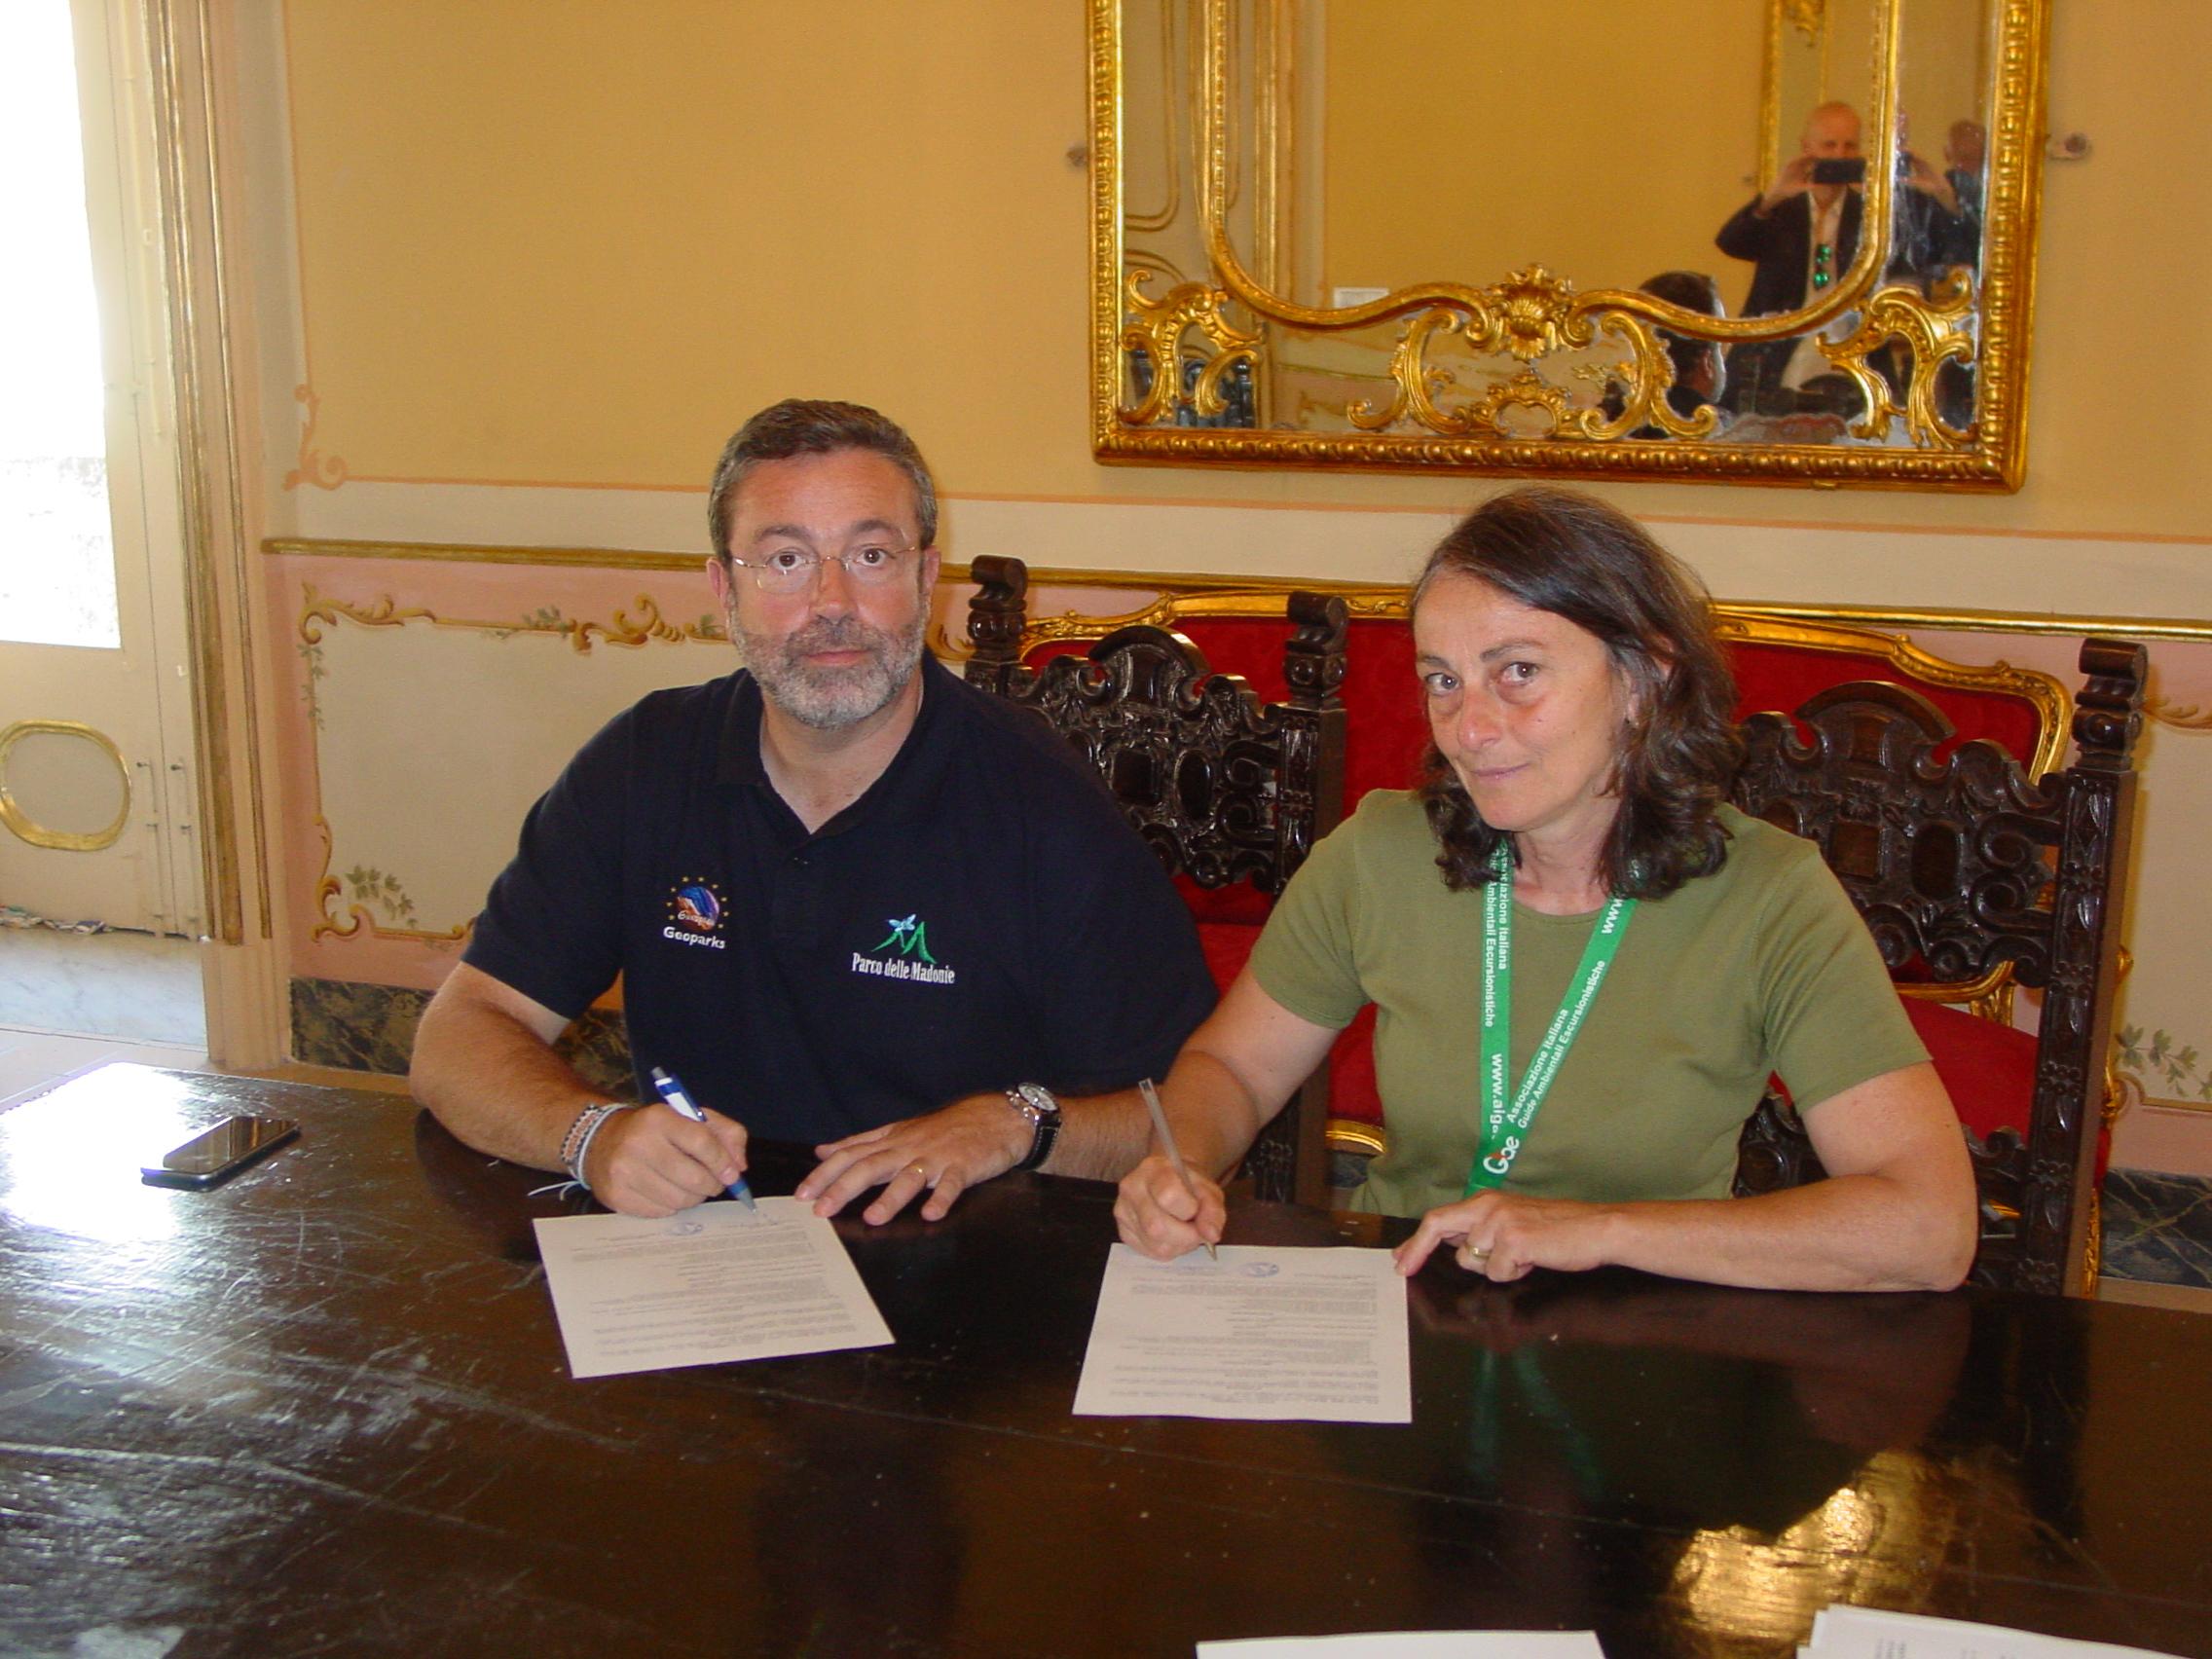 Il presidente del Parco dott. Angelo Pizzuto e Violetta Francese di Aigae